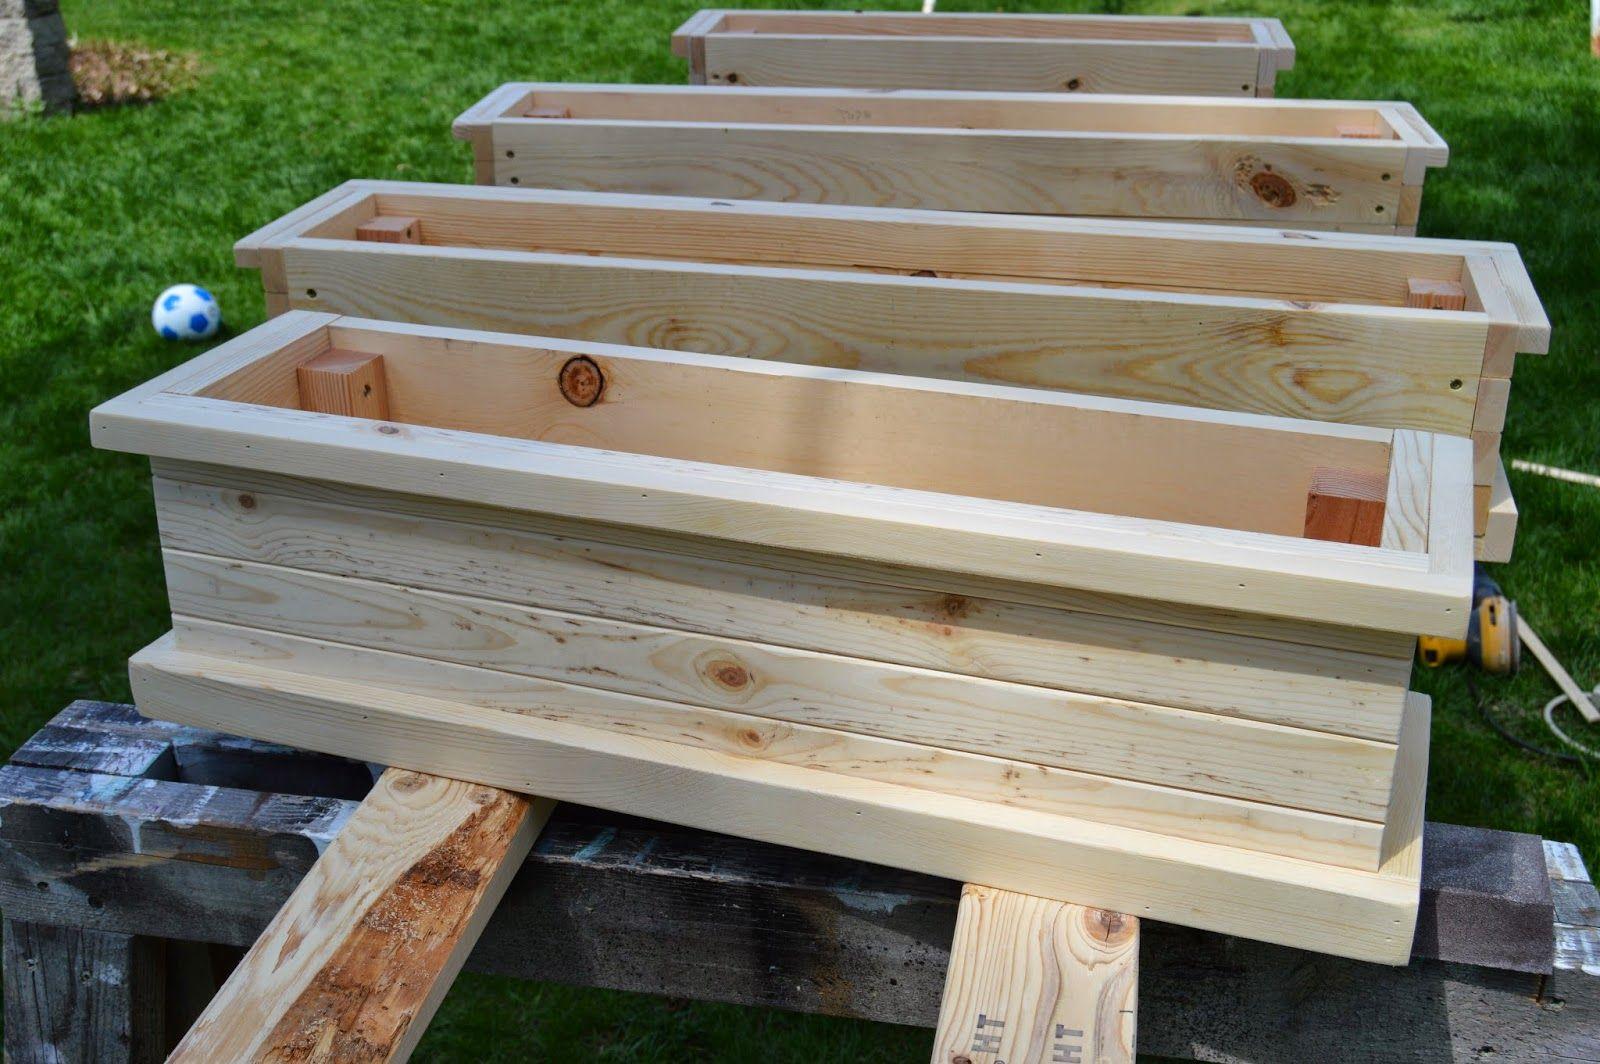 Kruse' Workshop Build Flower Boxes Diy In 2019